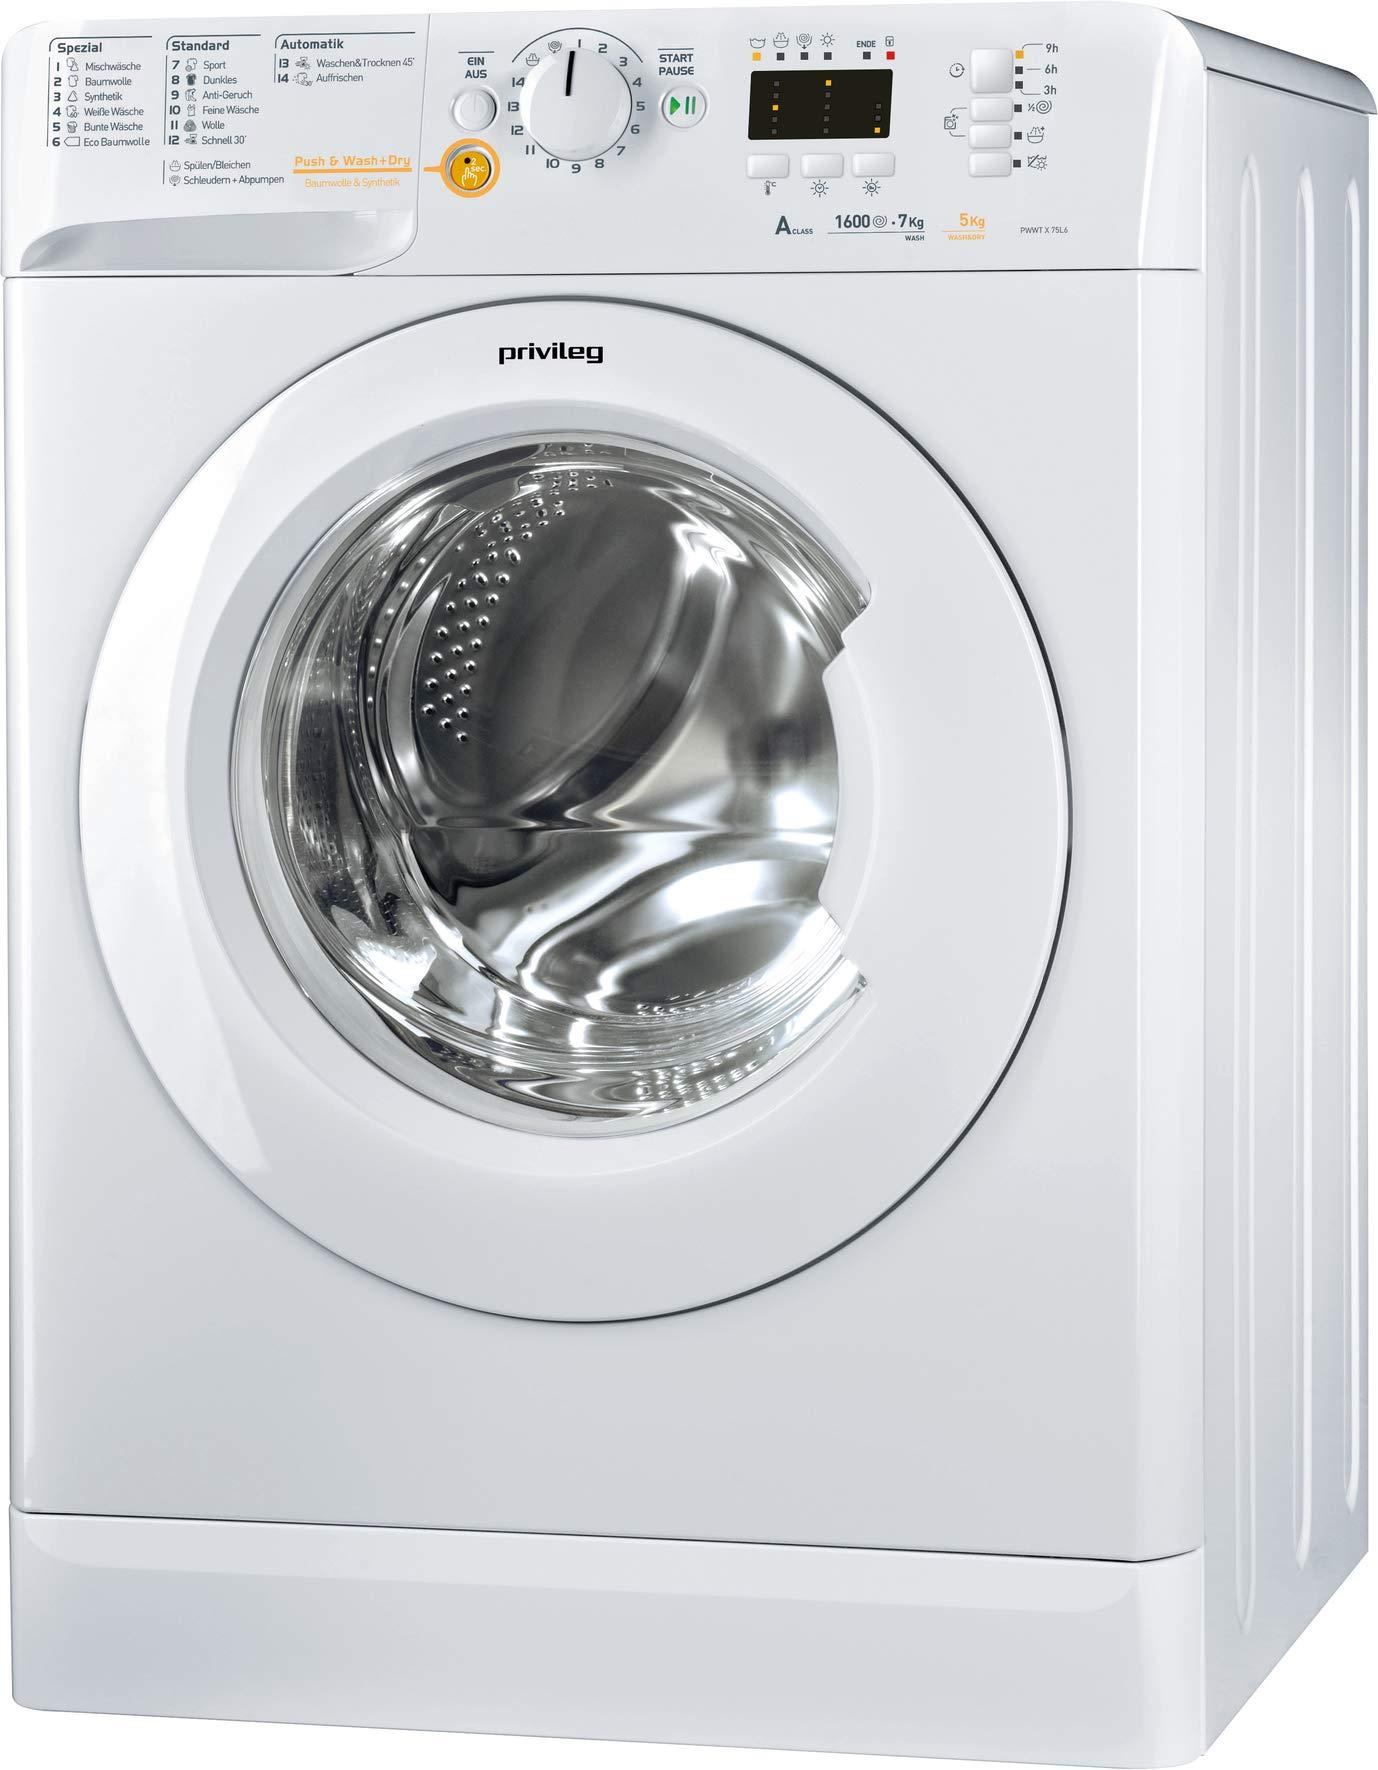 Privileg-PWWT-X-75L6-DE-WaschtrocknerEEK-A-7-kg-Waschen-5-kg-Trocknen-1600-UpMMengenautomatikWasserschutzOption-Extra-SplenStartzeitvorwahlWolle-ProgrammInverter-MotorPush-Wash-Dry